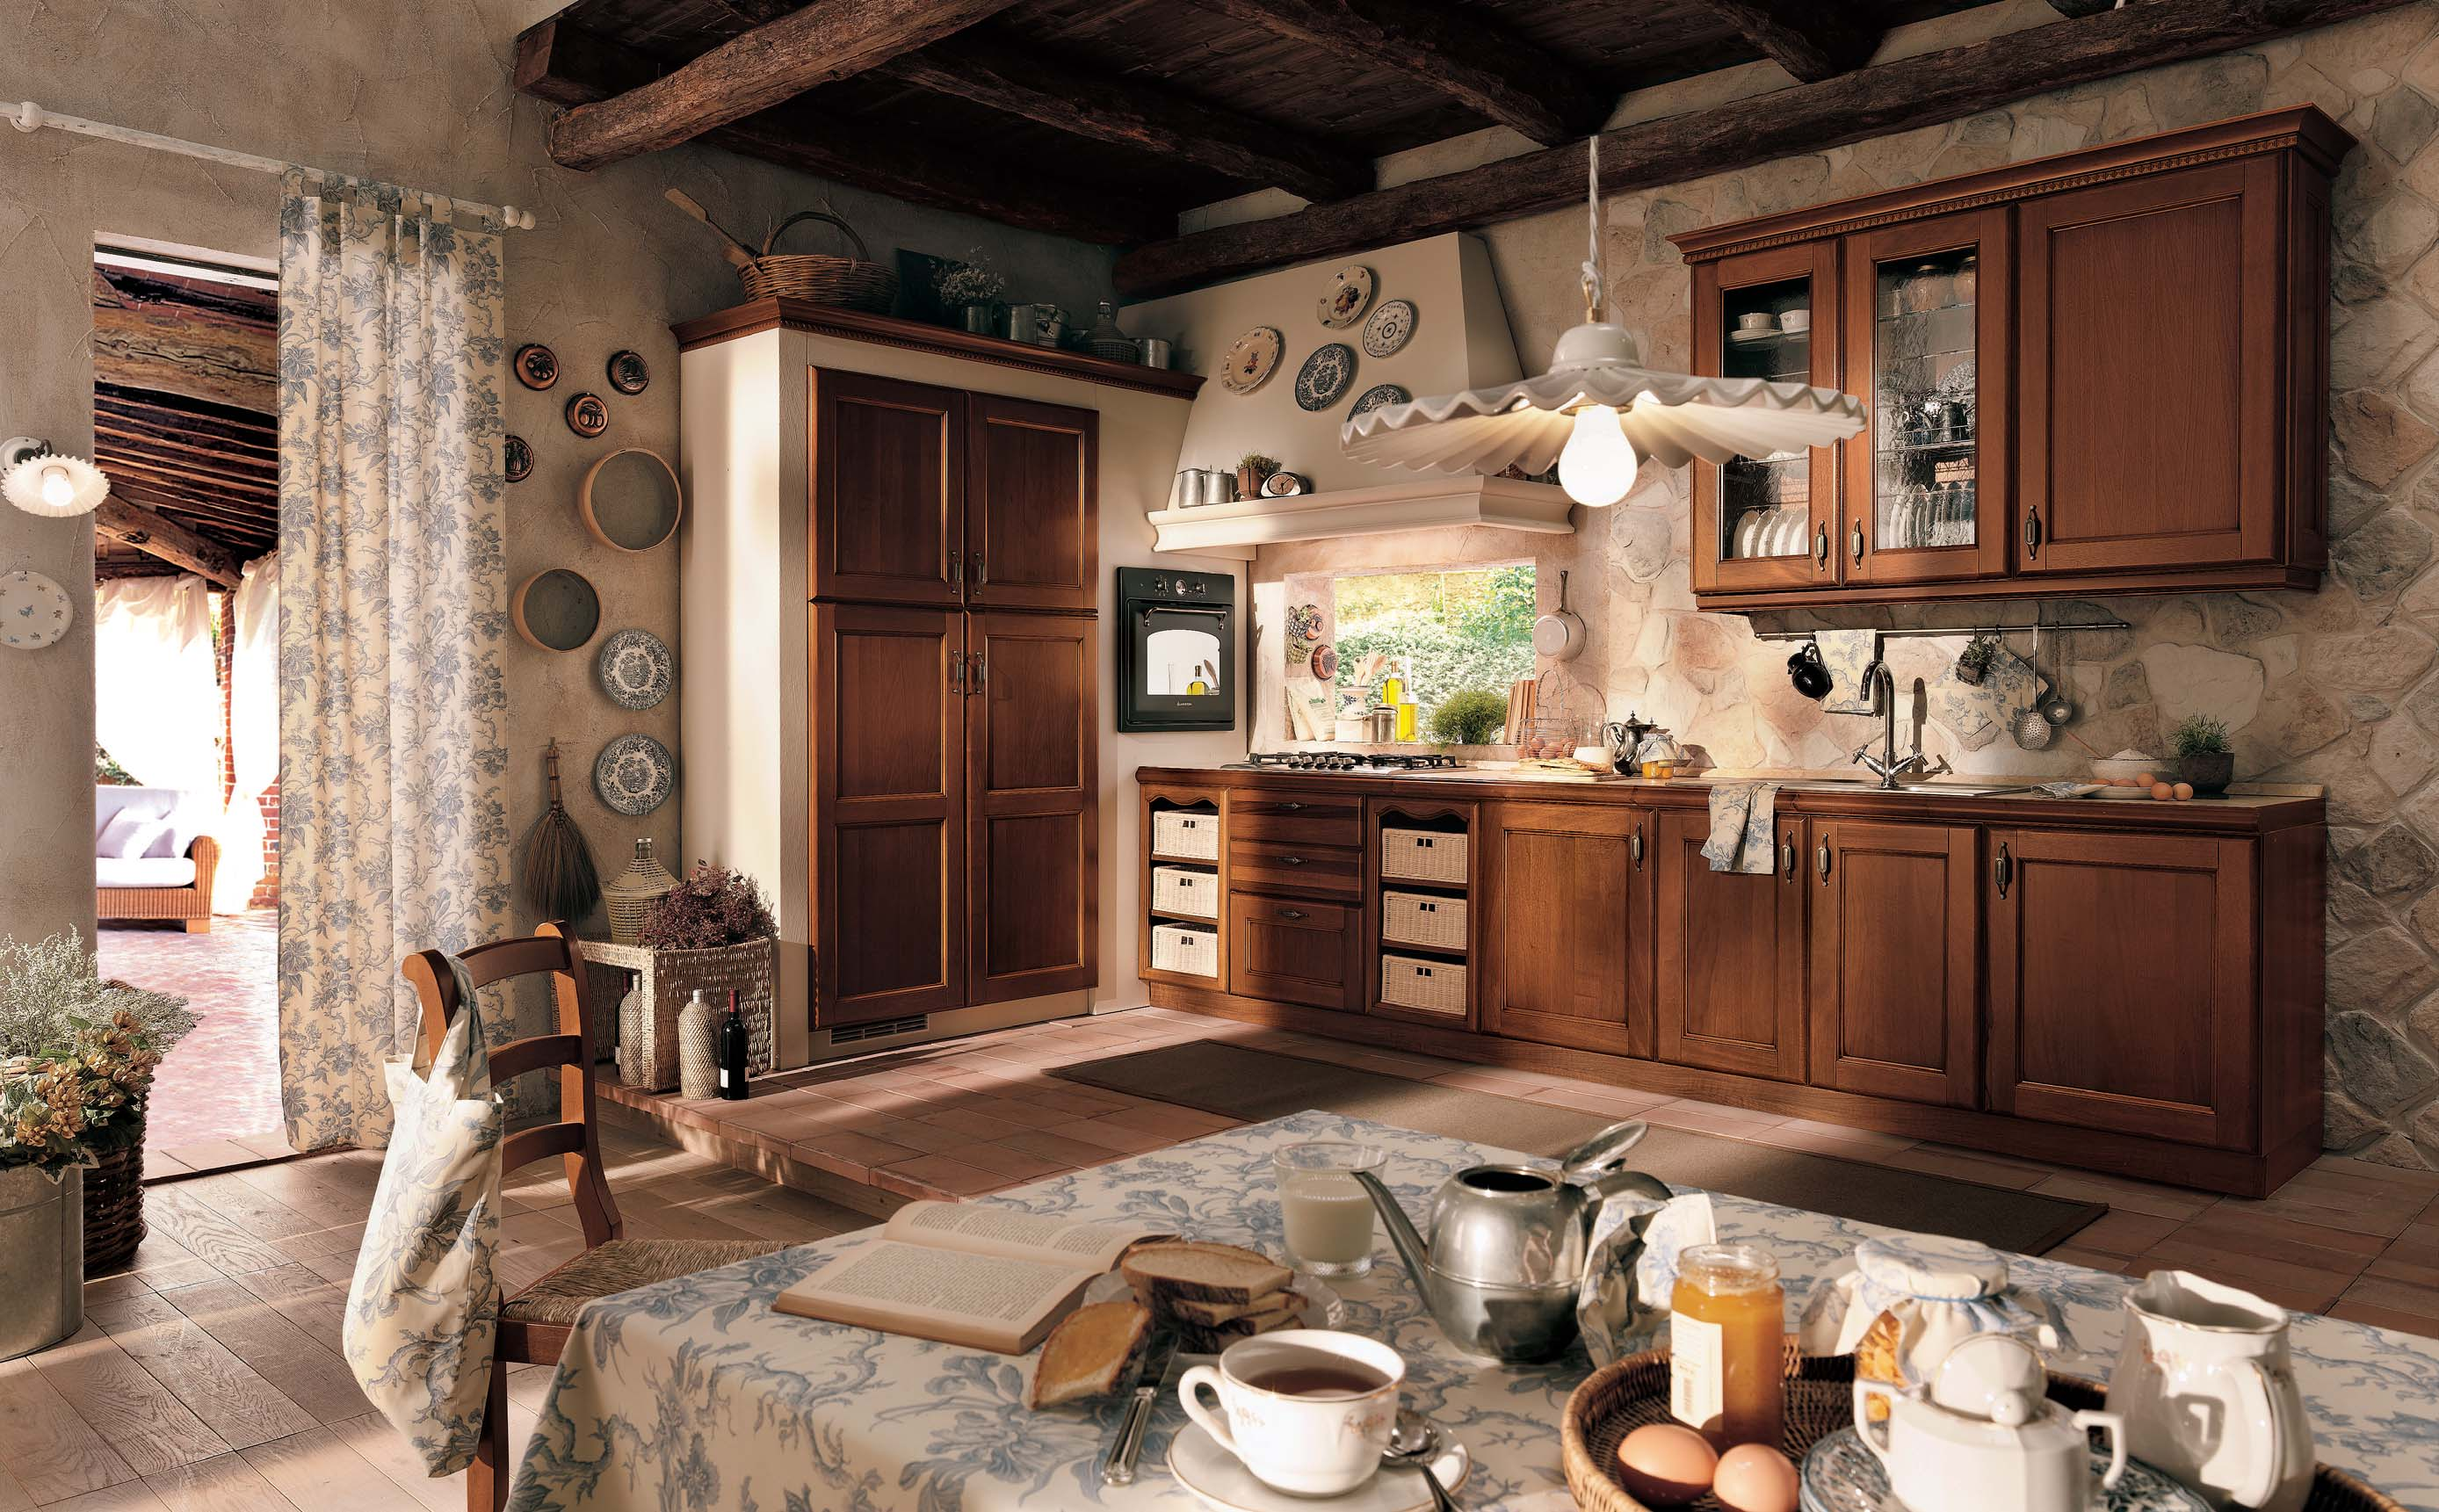 horrible l'intérieur de la cuisine classique